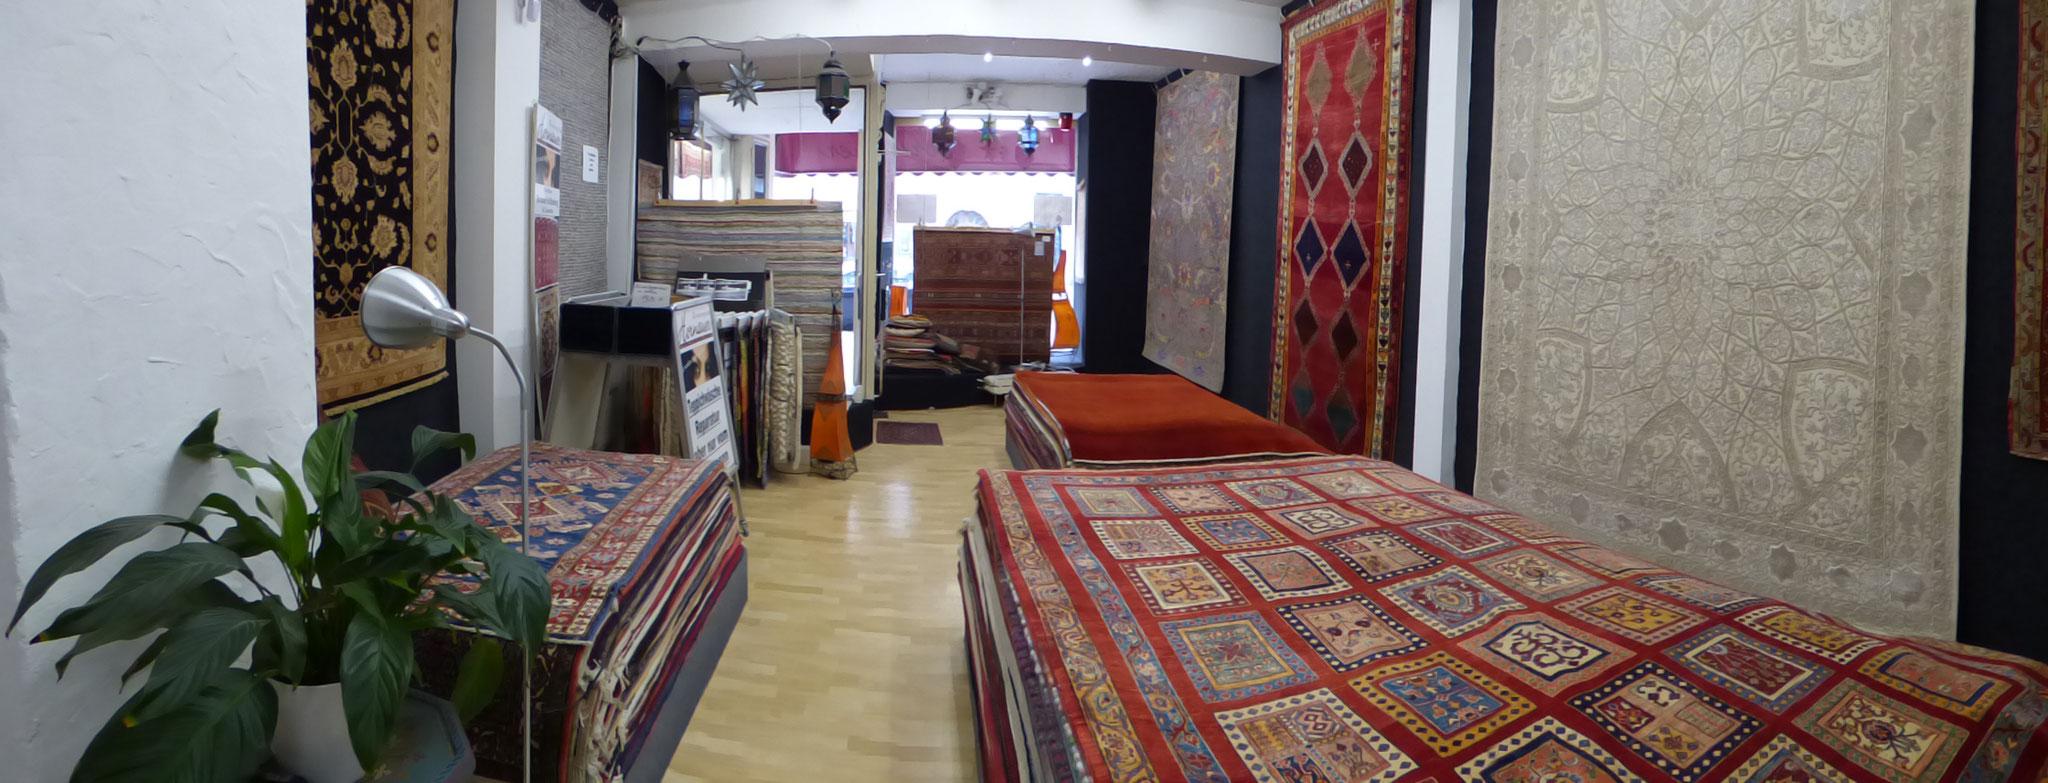 Teppiche für jeden Einrichtungsstil